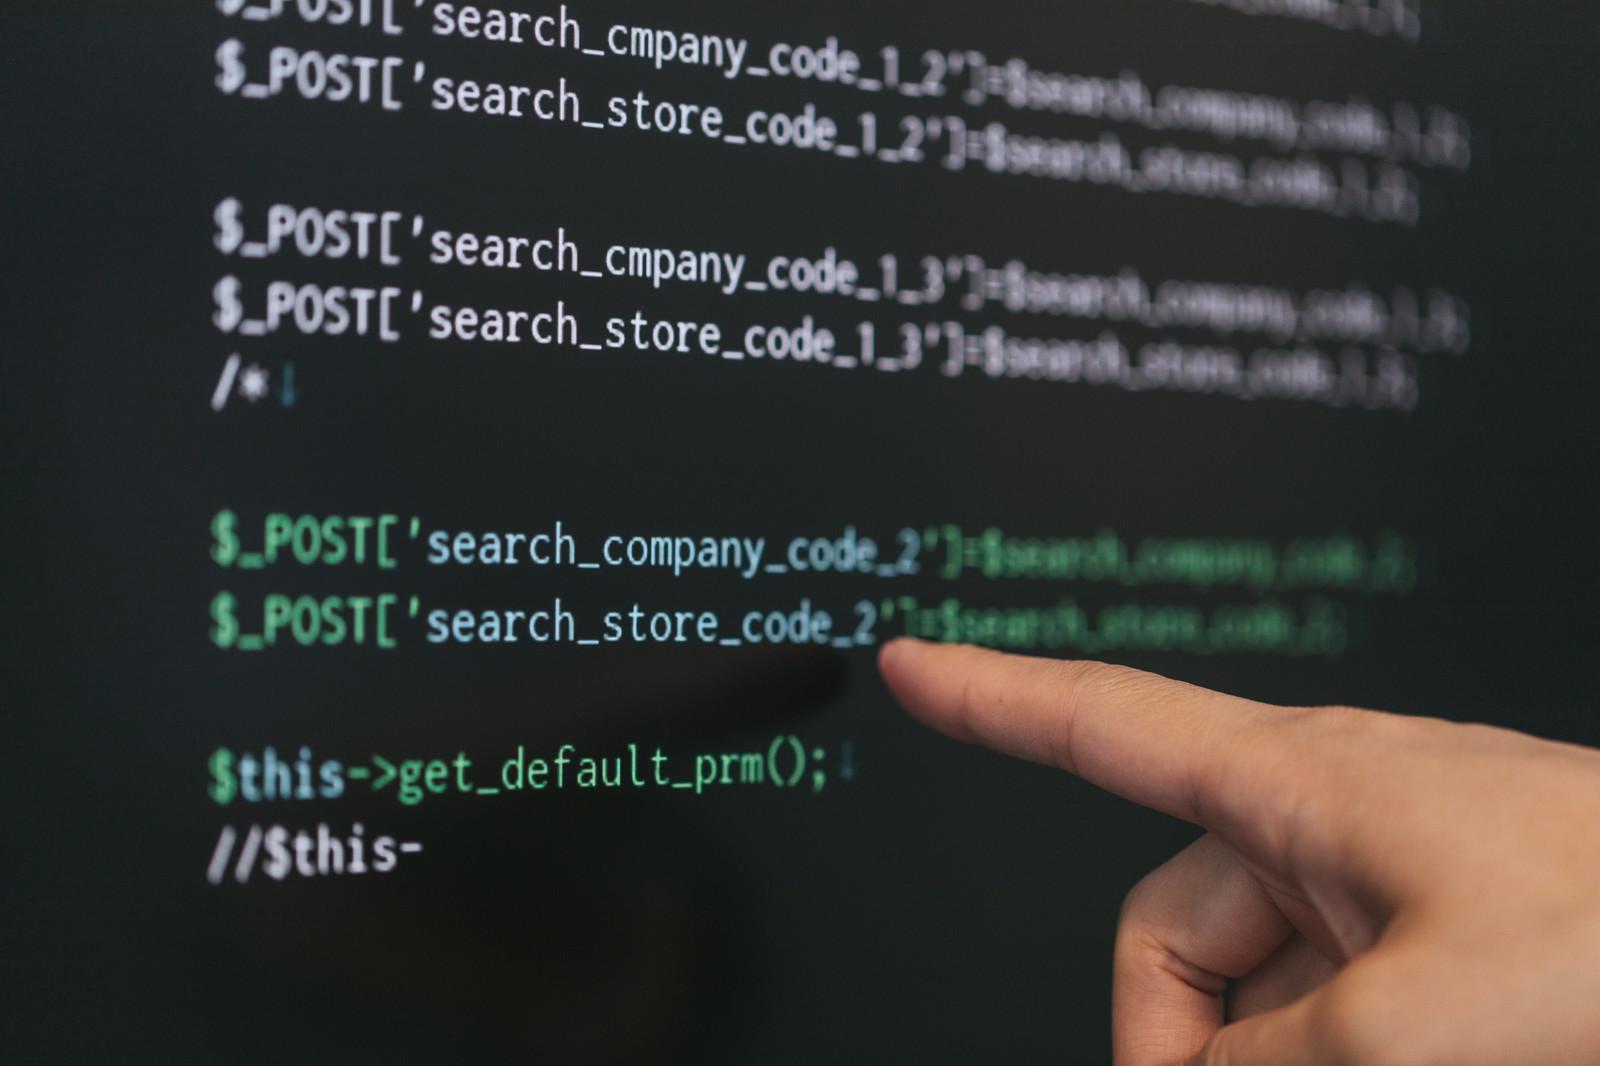 【初心者向け】PHPとは何?HTMLとどう違うの?徹底解説